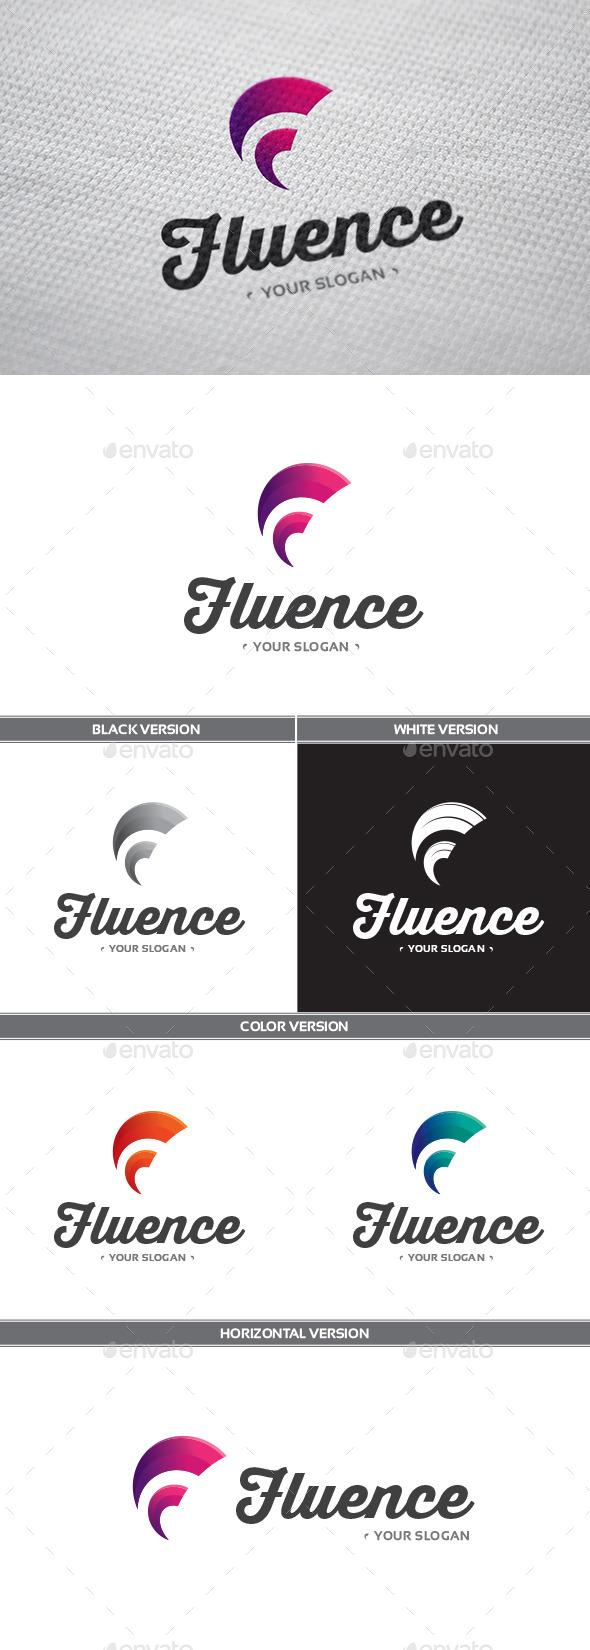 GraphicRiver Fluence Logo 9935517